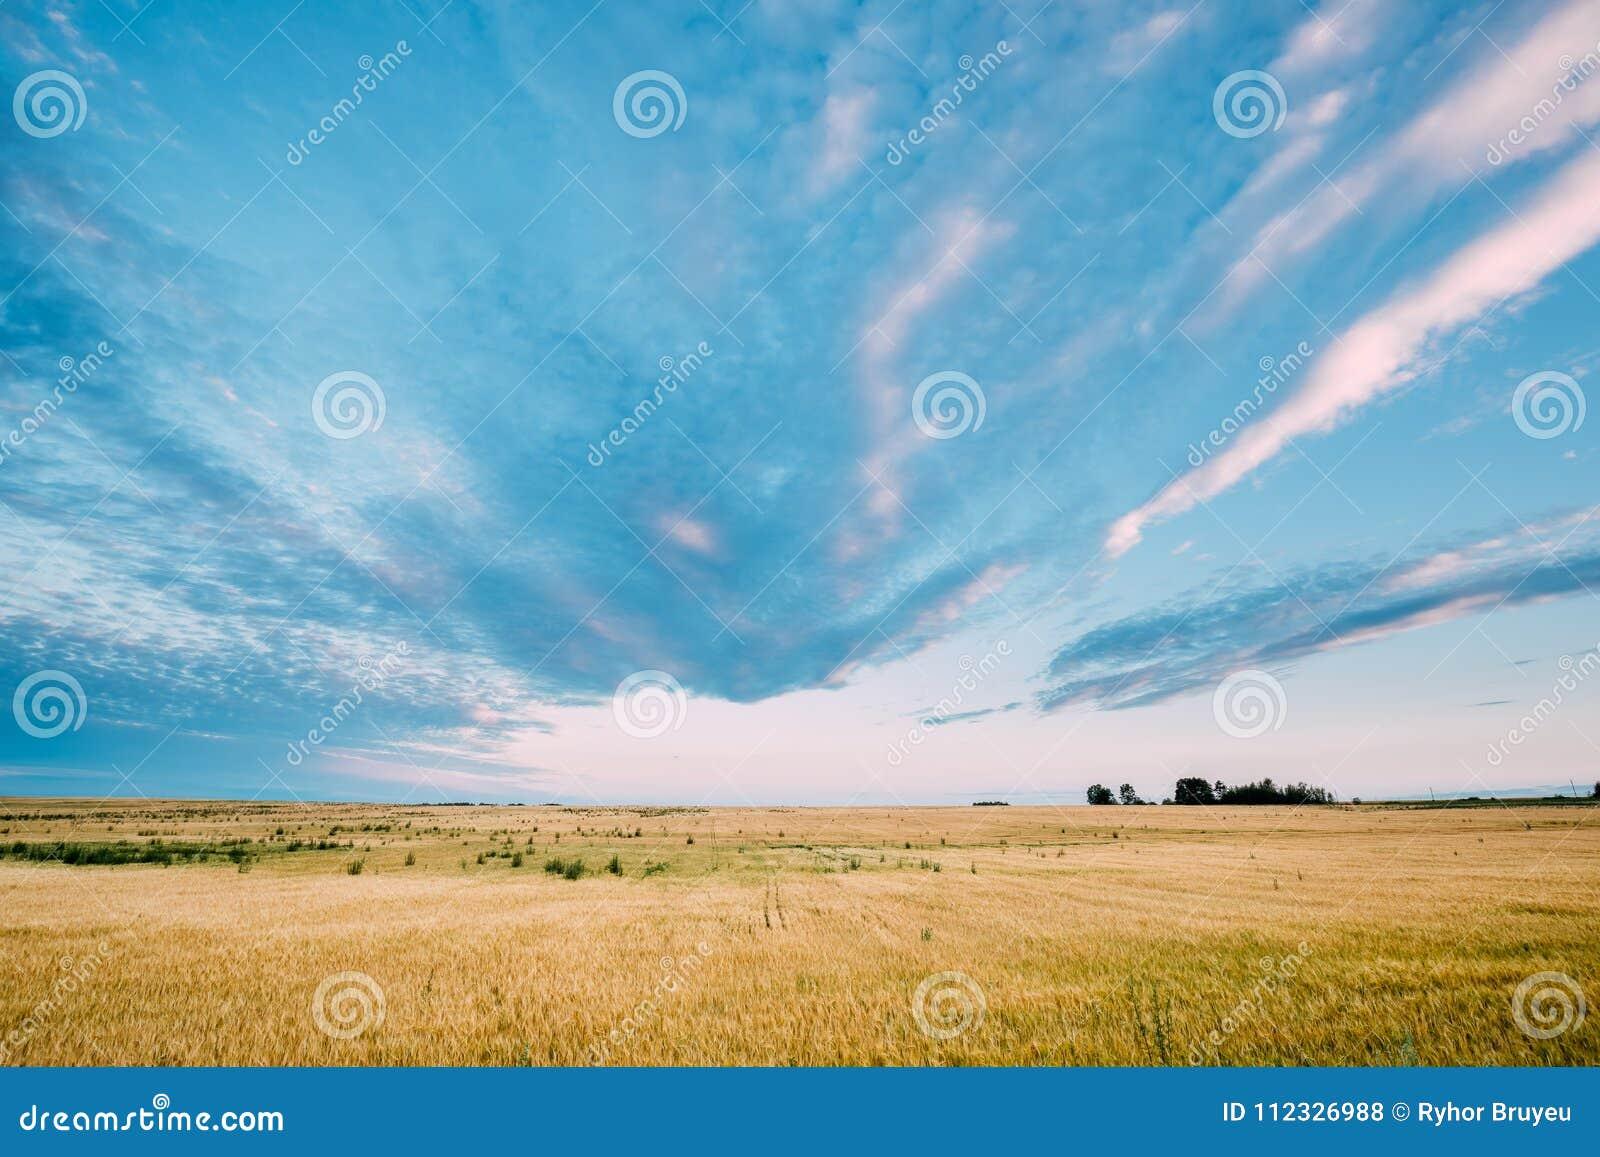 Lantligt landskap av det gula vetefältet på blåa Sunny Sky Background